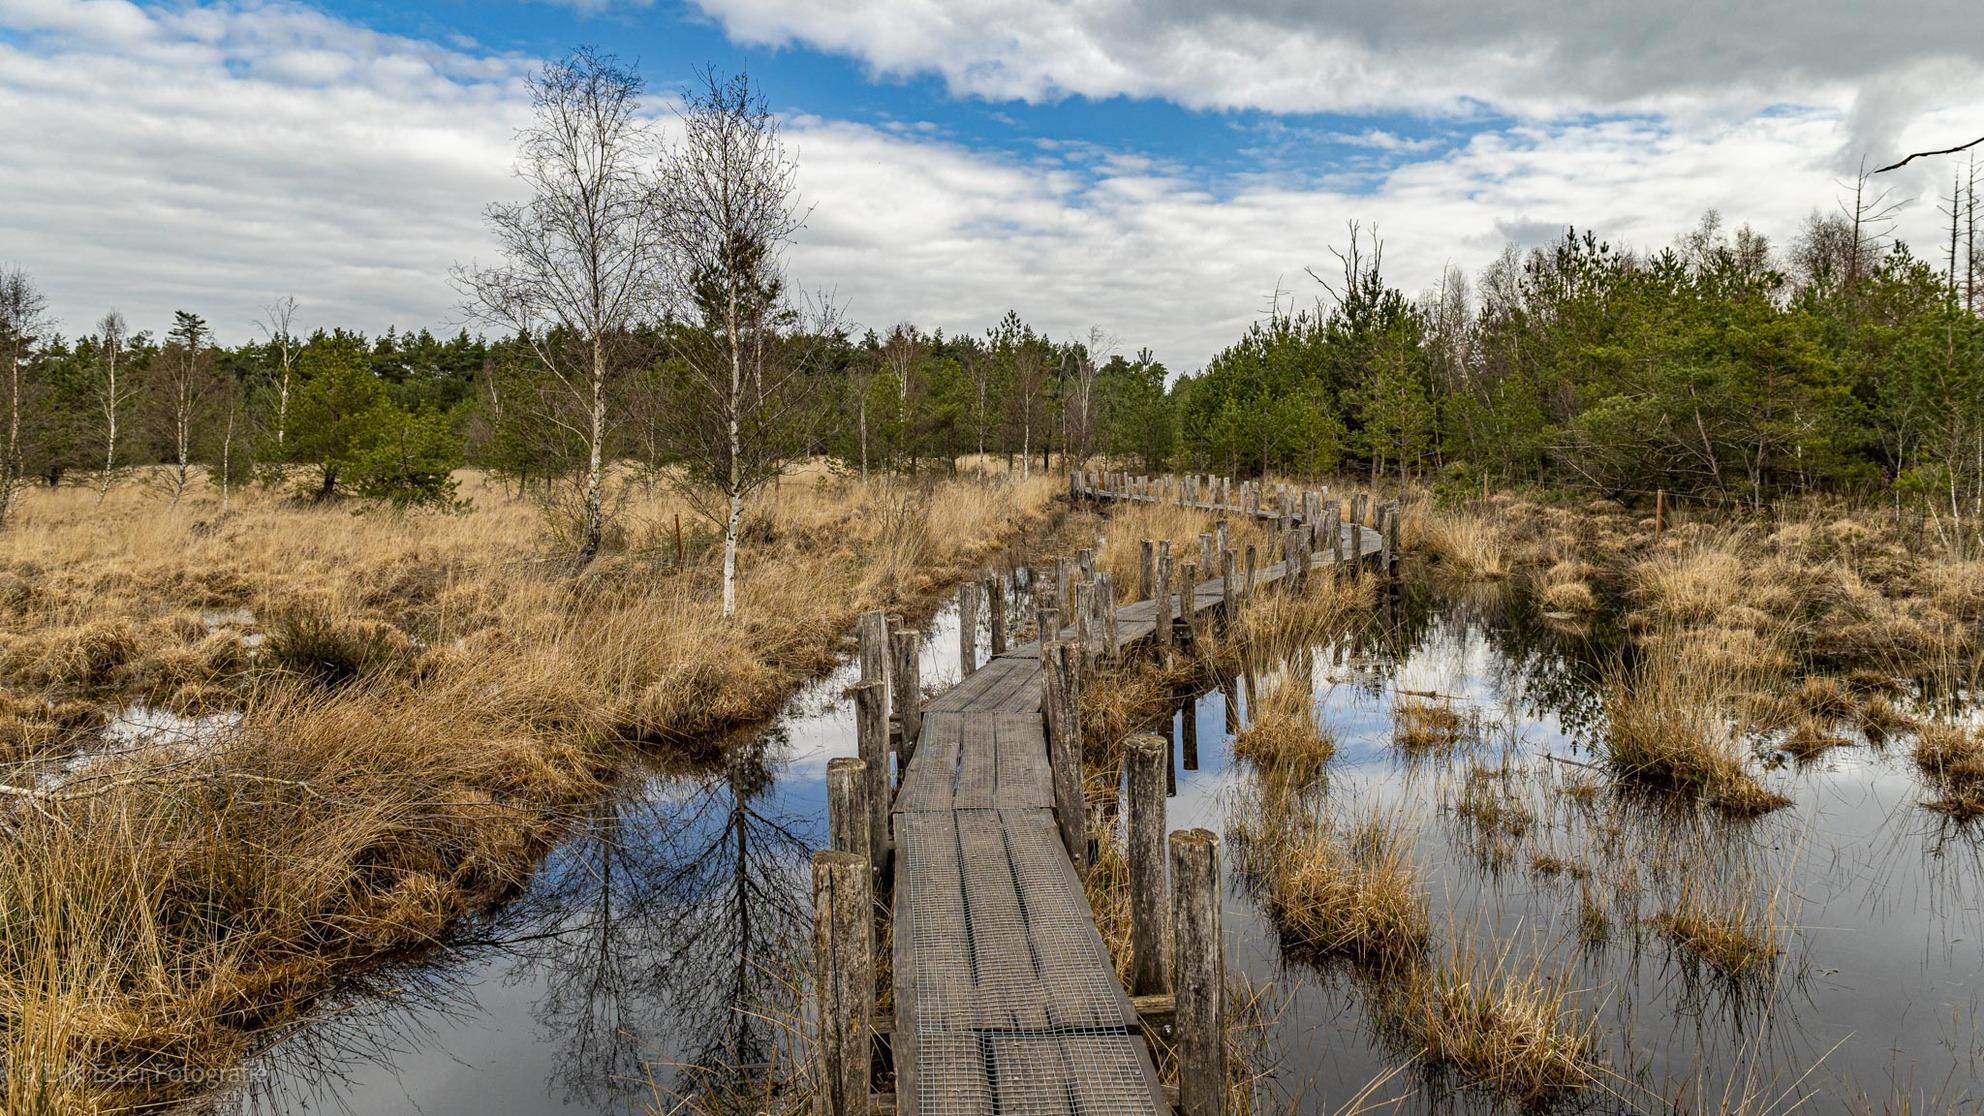 Plankenpad  - Plankenpad Dwingelderveld  - foto door ErikEsterFotografie op 08-04-2021 - deze foto bevat: #natuur, water, drenthe, pad, plankenpad, wolken, water, wolk, lucht, fabriek, boom, natuurlijk landschap, fluviatiele landvormen van beken, lacustrine vlakte, biome, hout